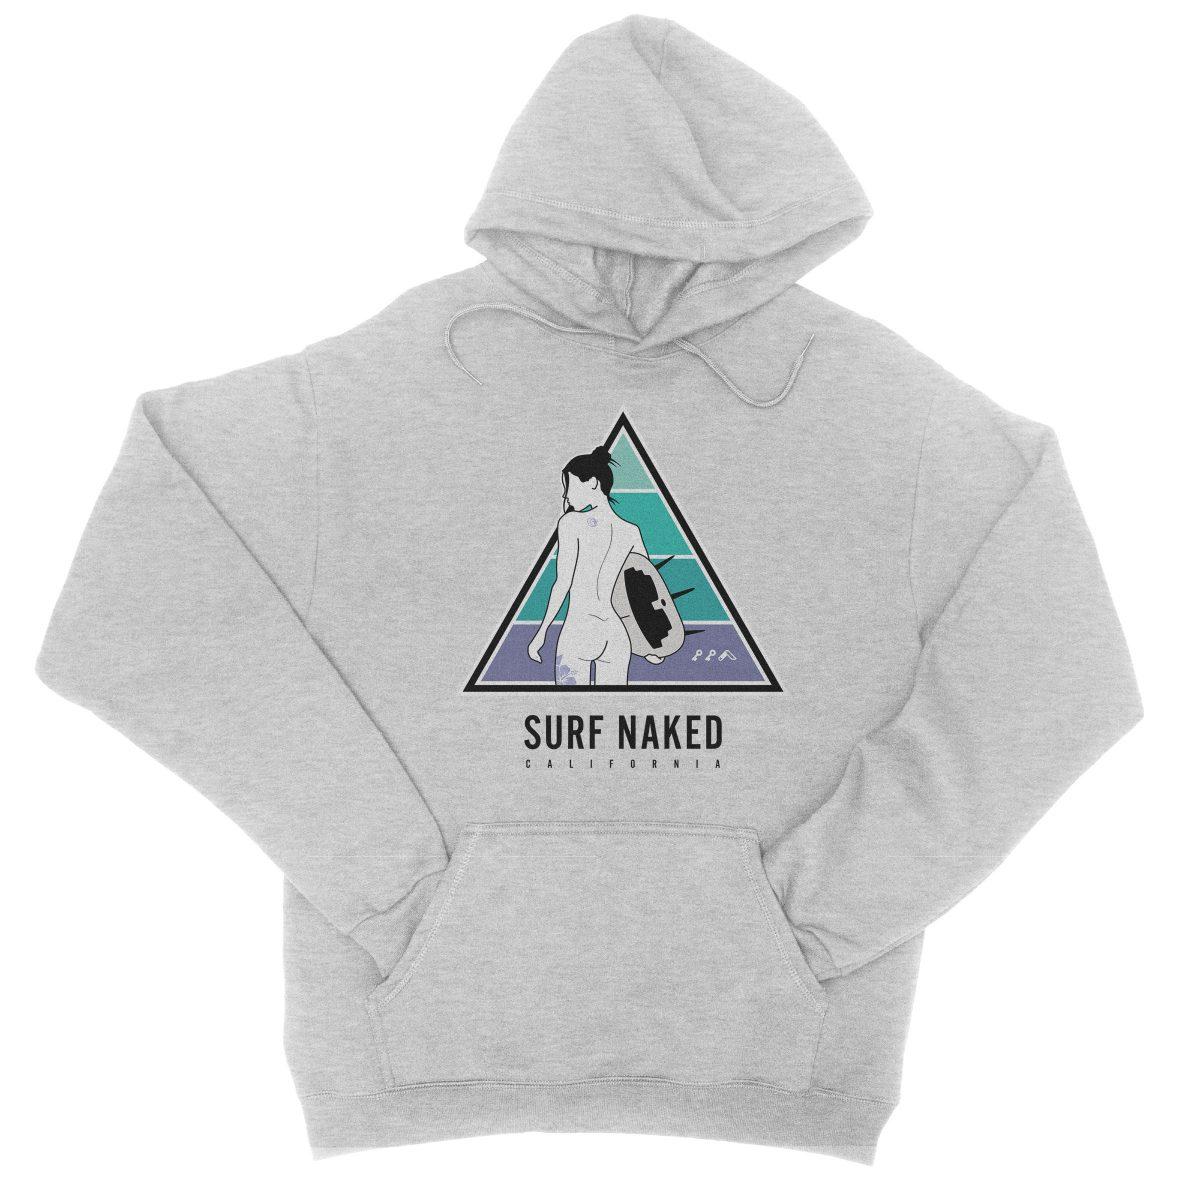 SURF NAKED CALIFORNIA beaches hoodie in grey by kikicutt sweatshirt store